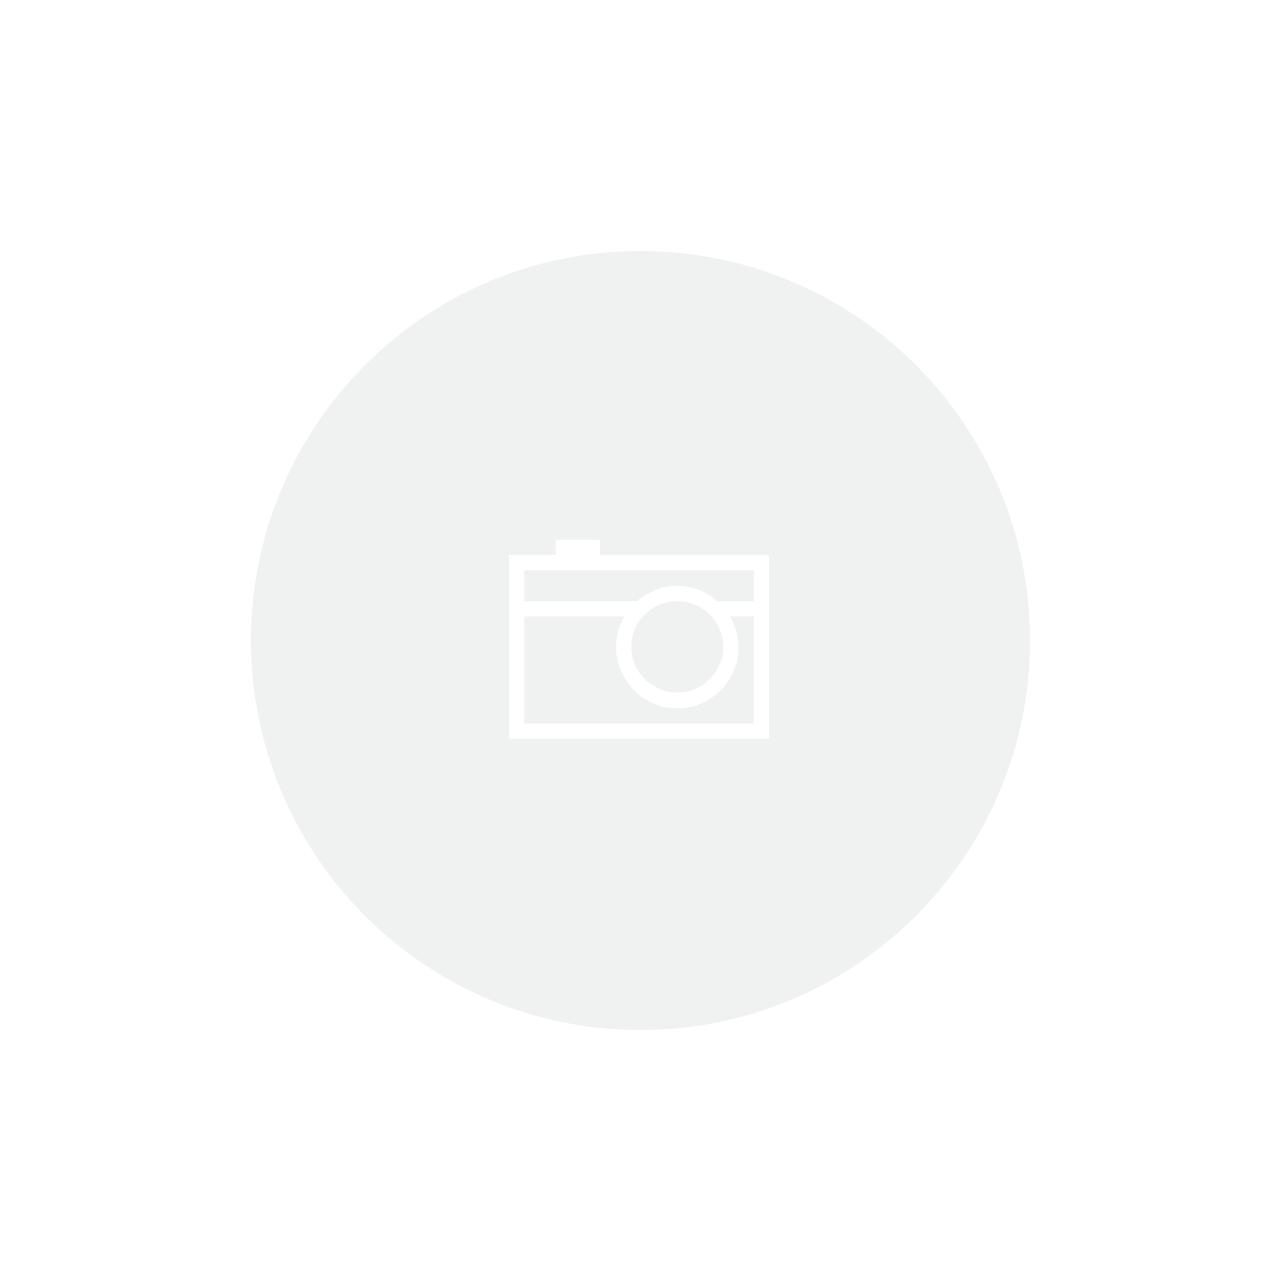 CARAMANHOLA 550ML ELITE BMC - OGIGINAL